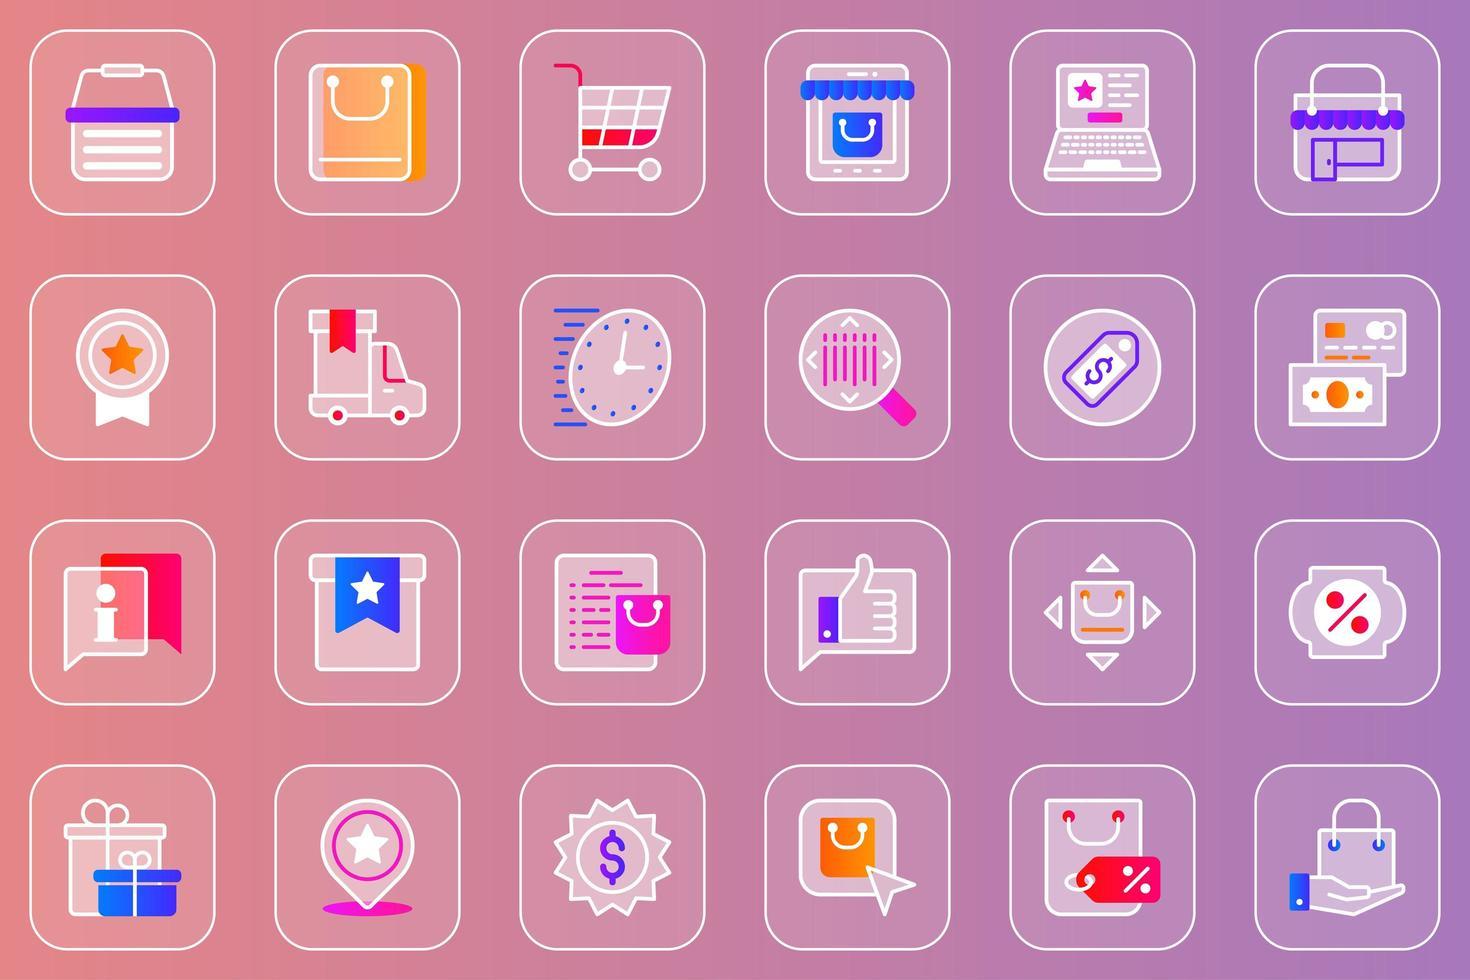 conjunto de ícones glassmorphic de compras online vetor